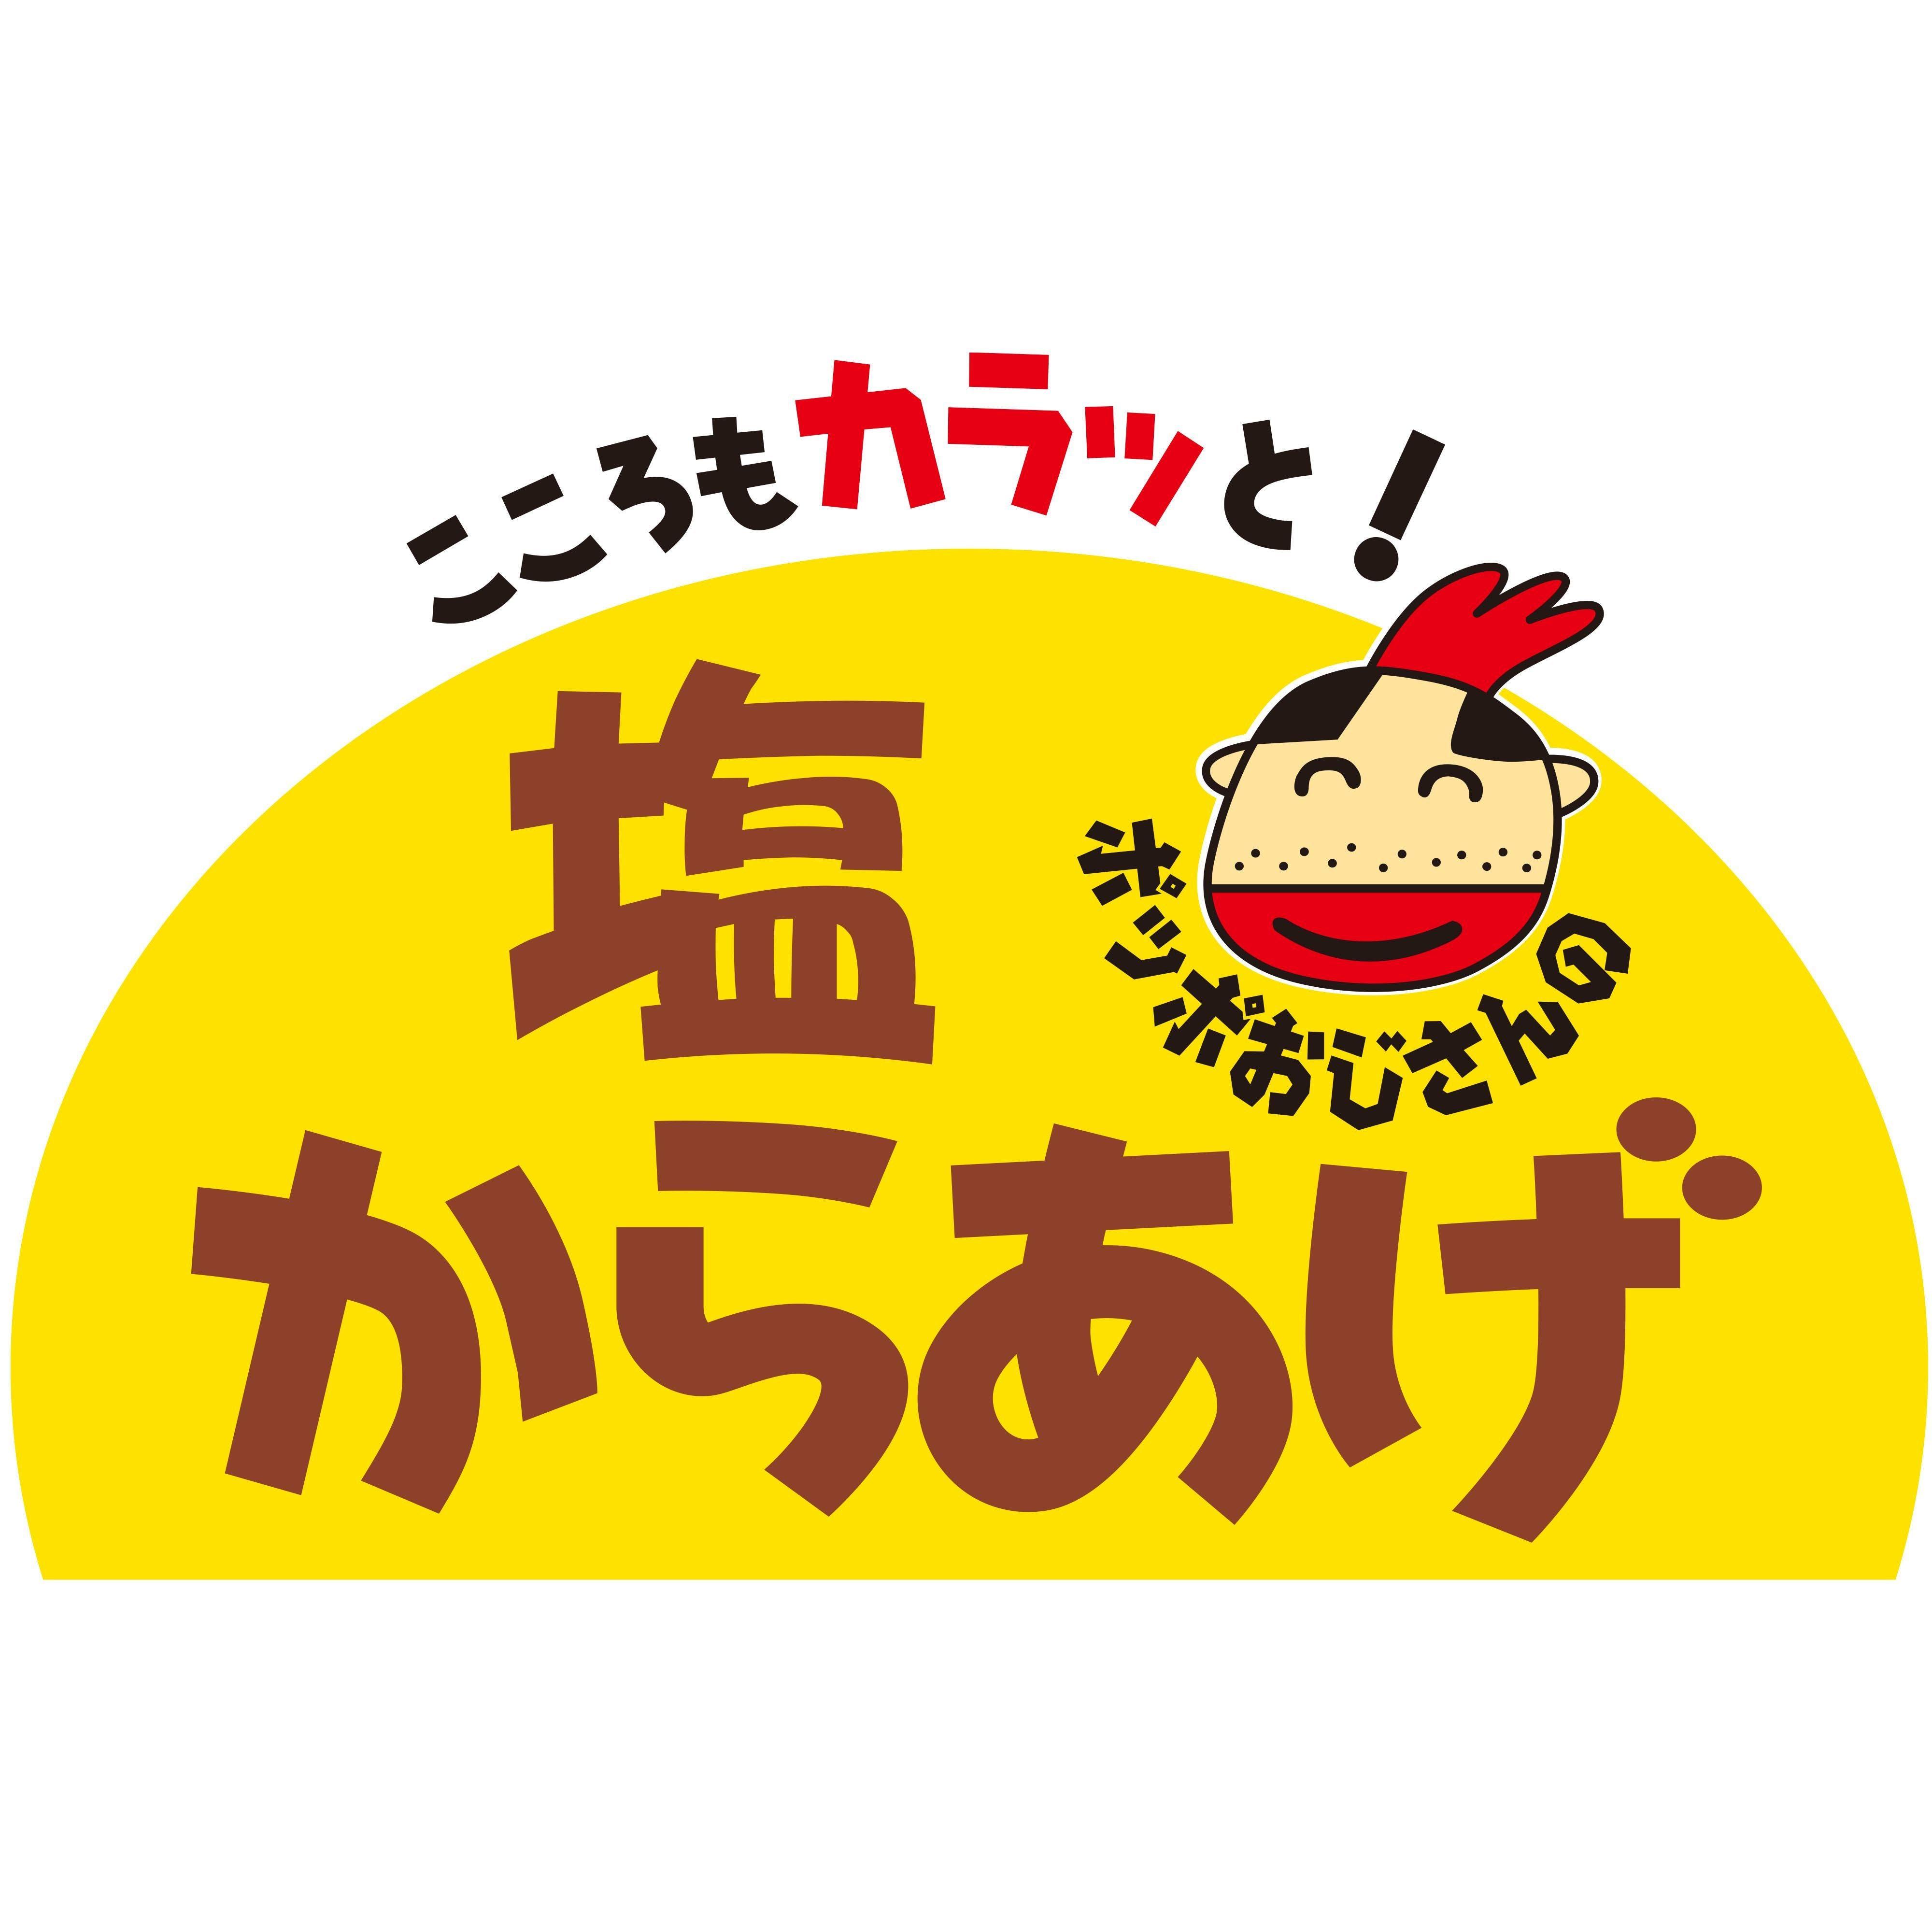 【Renewal Open】10月14日(木)『ポッポおじさんの塩からあげ』がリニューアルオープン!!